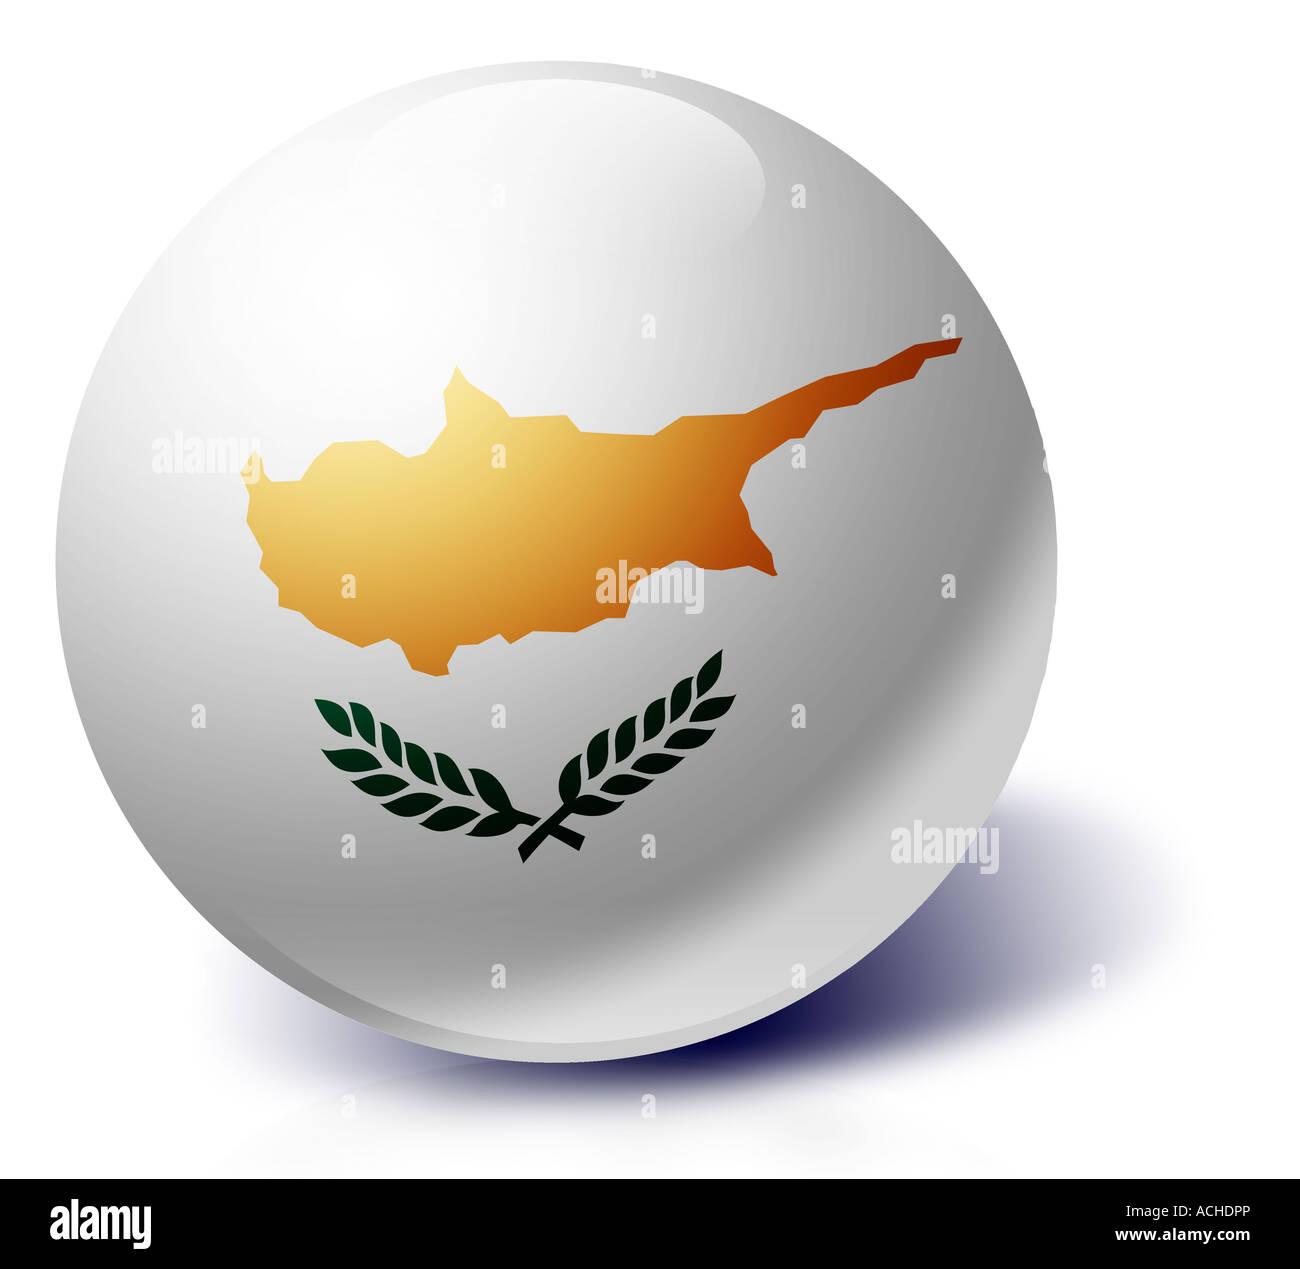 Cyprus flag as a glass ball - Stock Image